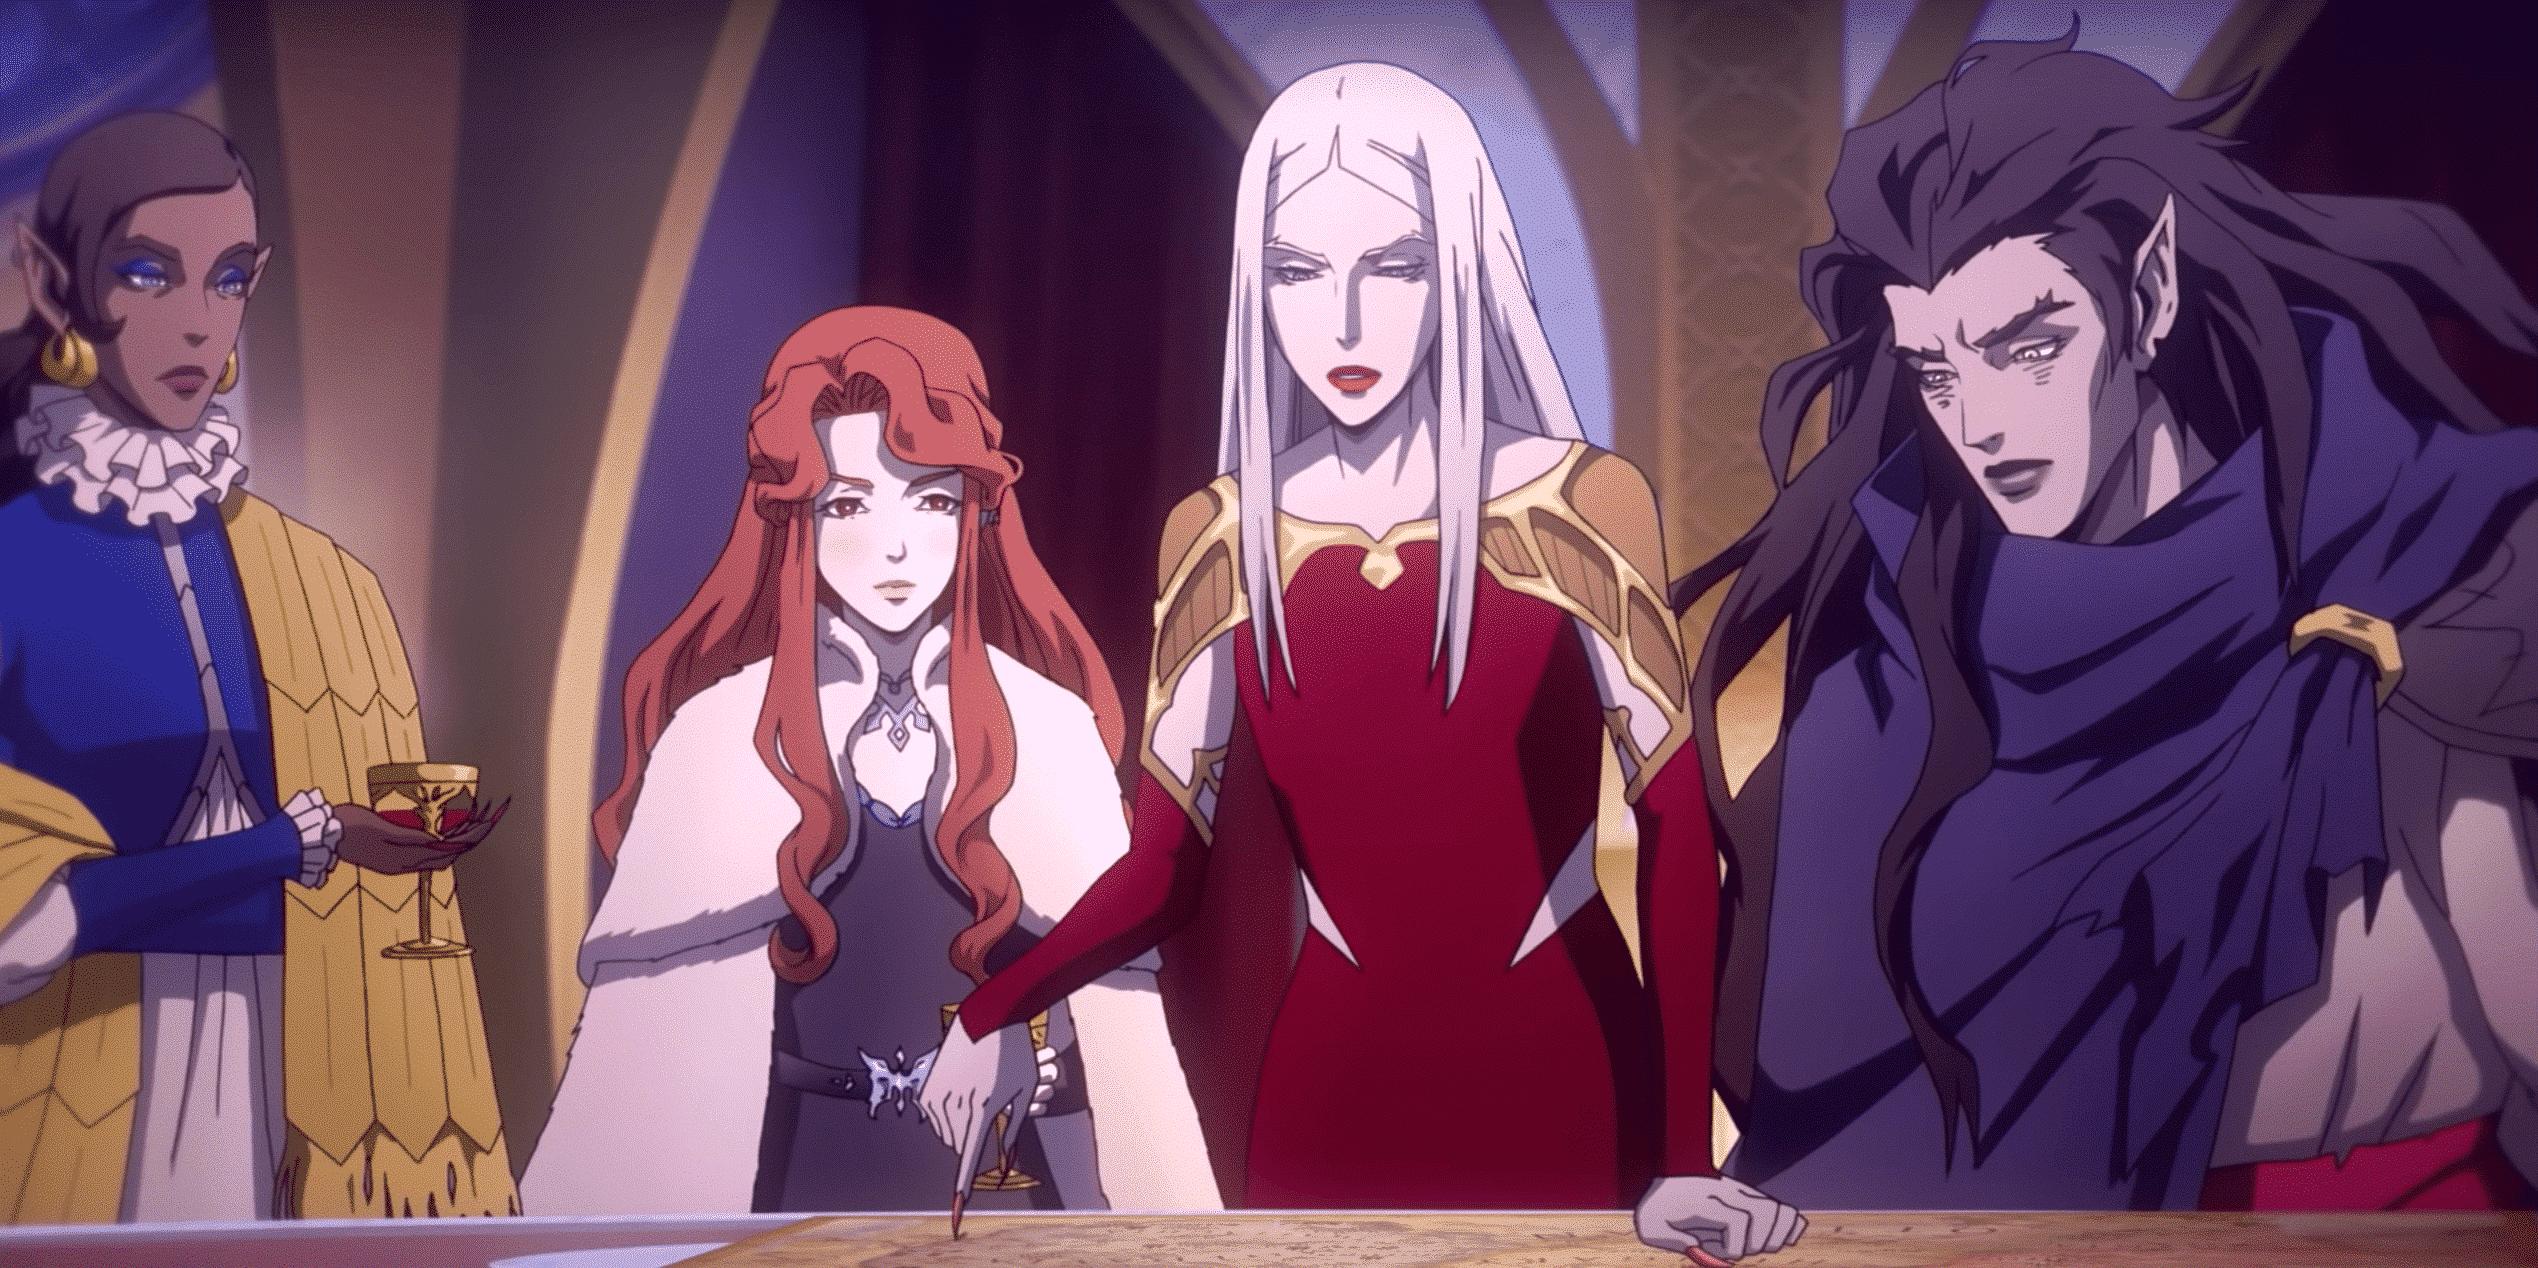 Castlevania Saison 4 : Tout ce que nous savons jusqu'à présent 2